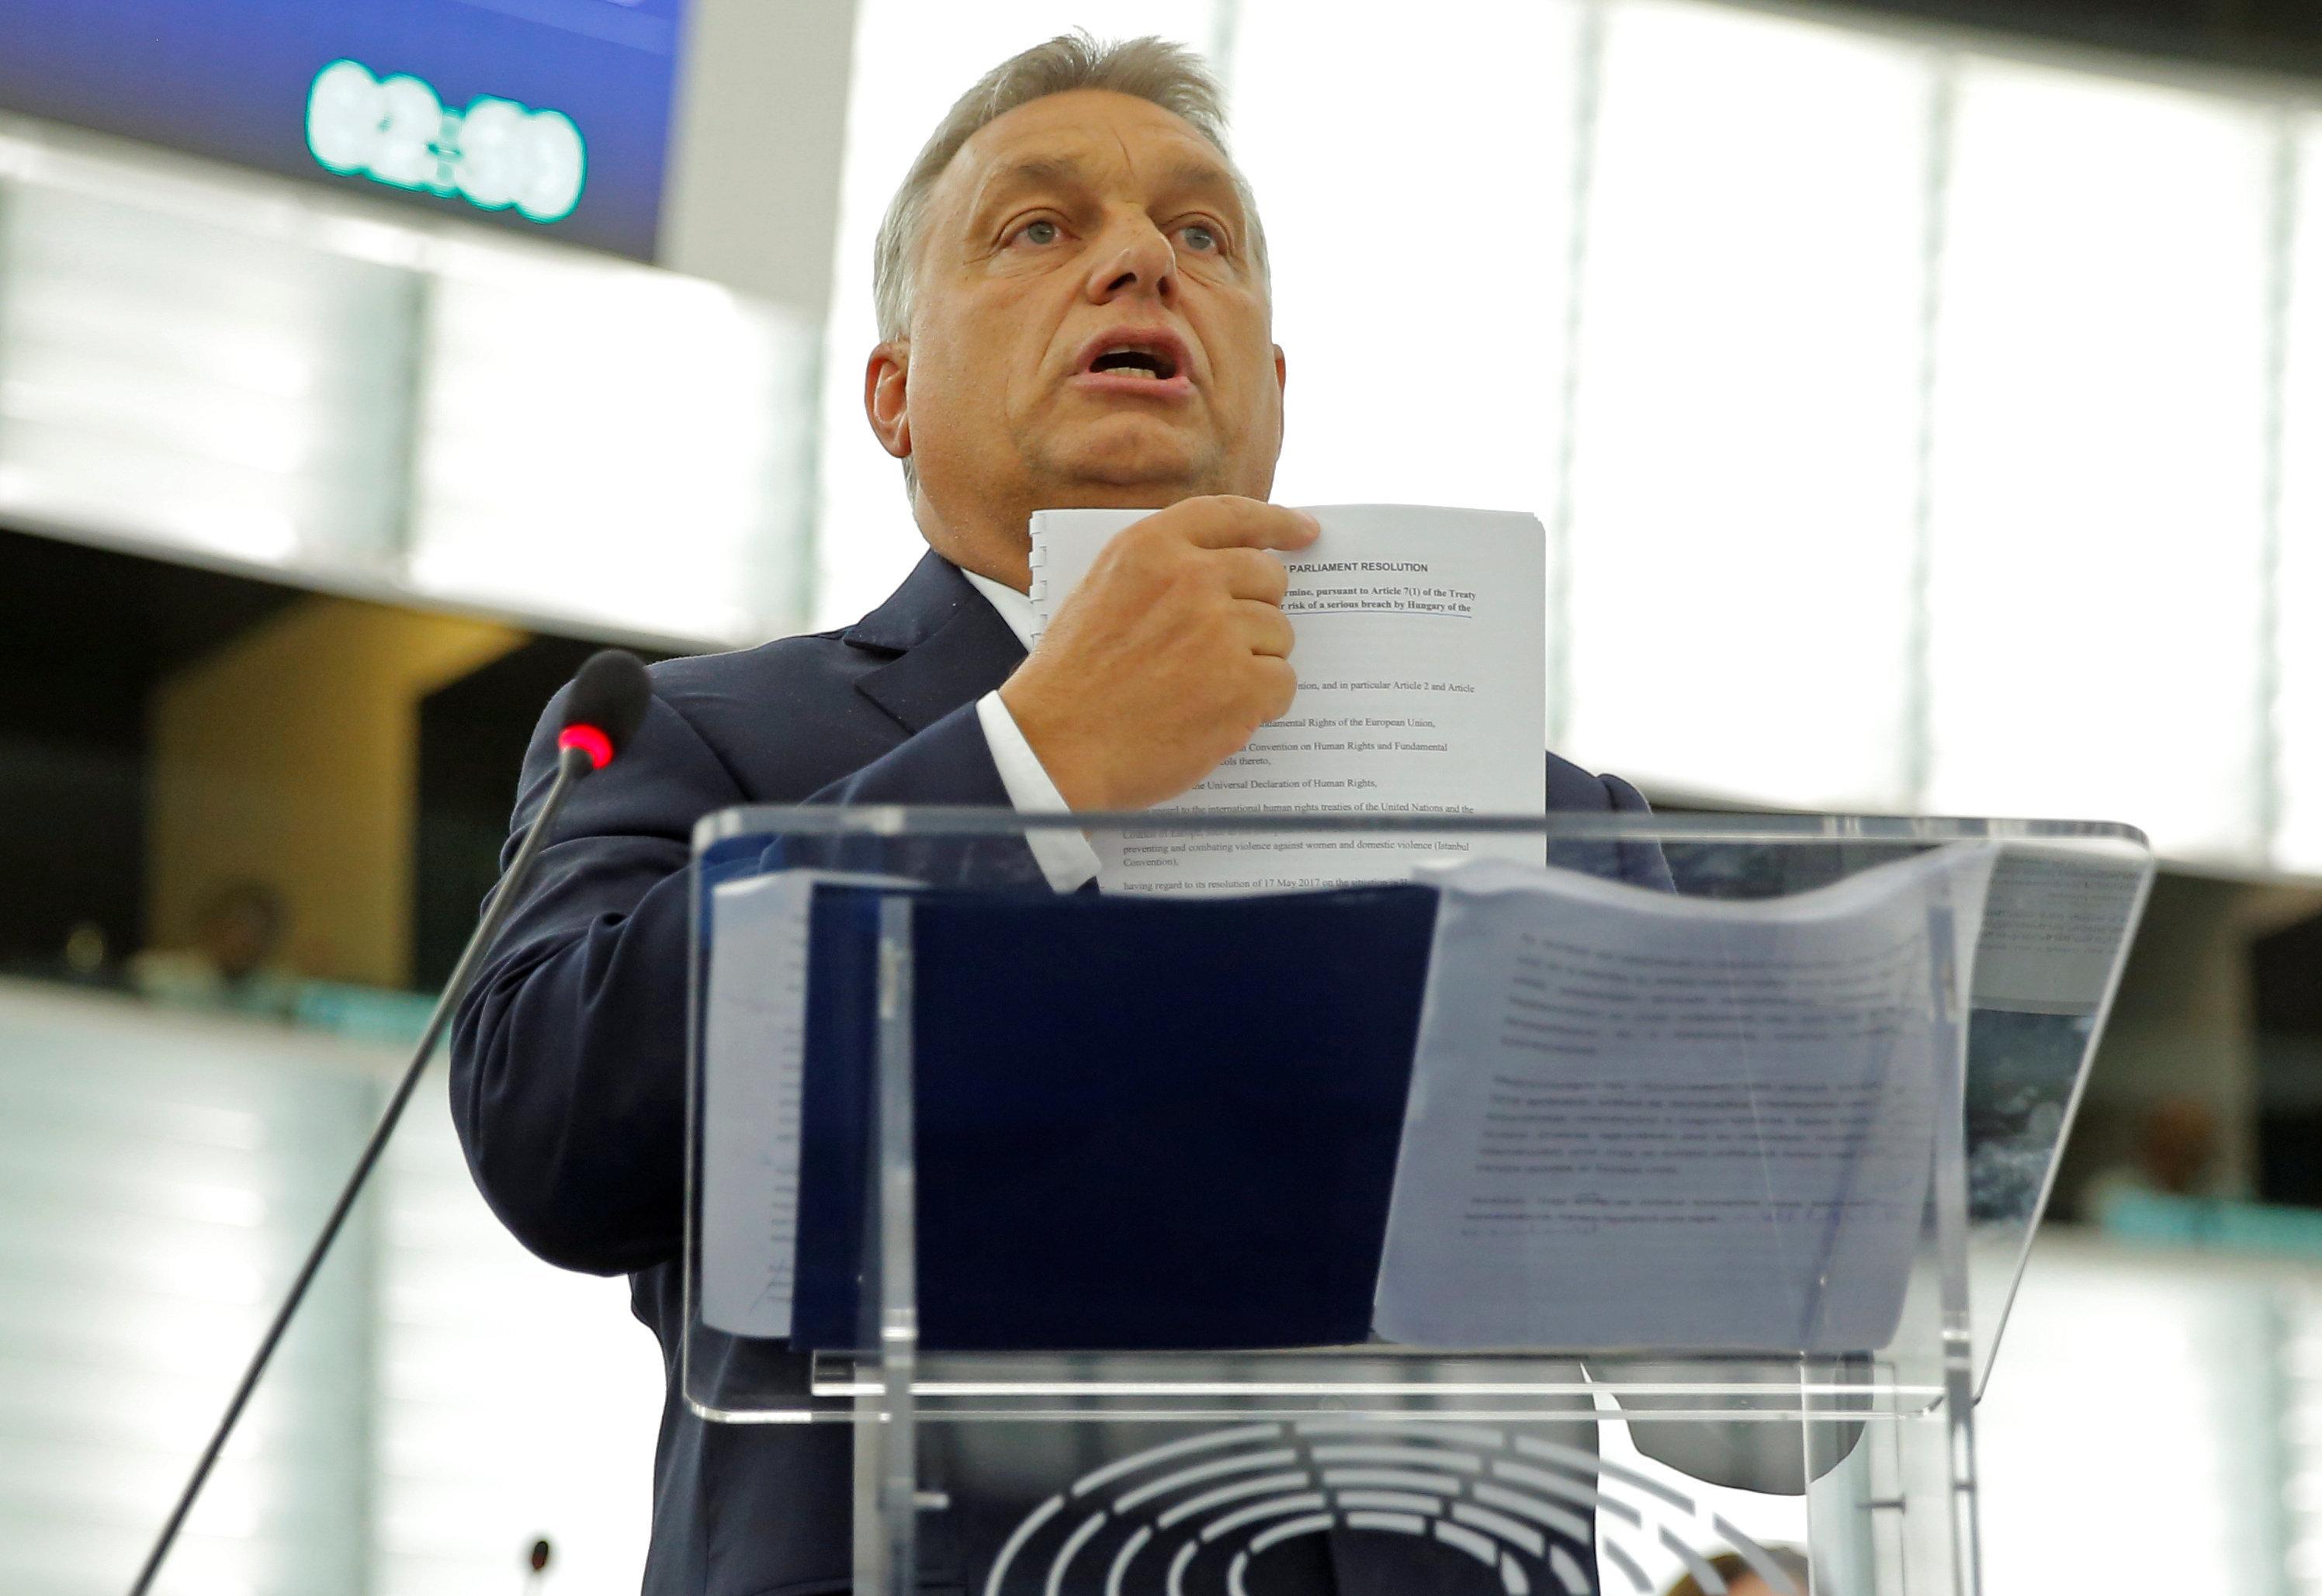 Η αντεπίθεση της Ουγγαρίας: Ετοιμάζει προσφυγή στο Ευρωπαϊκό